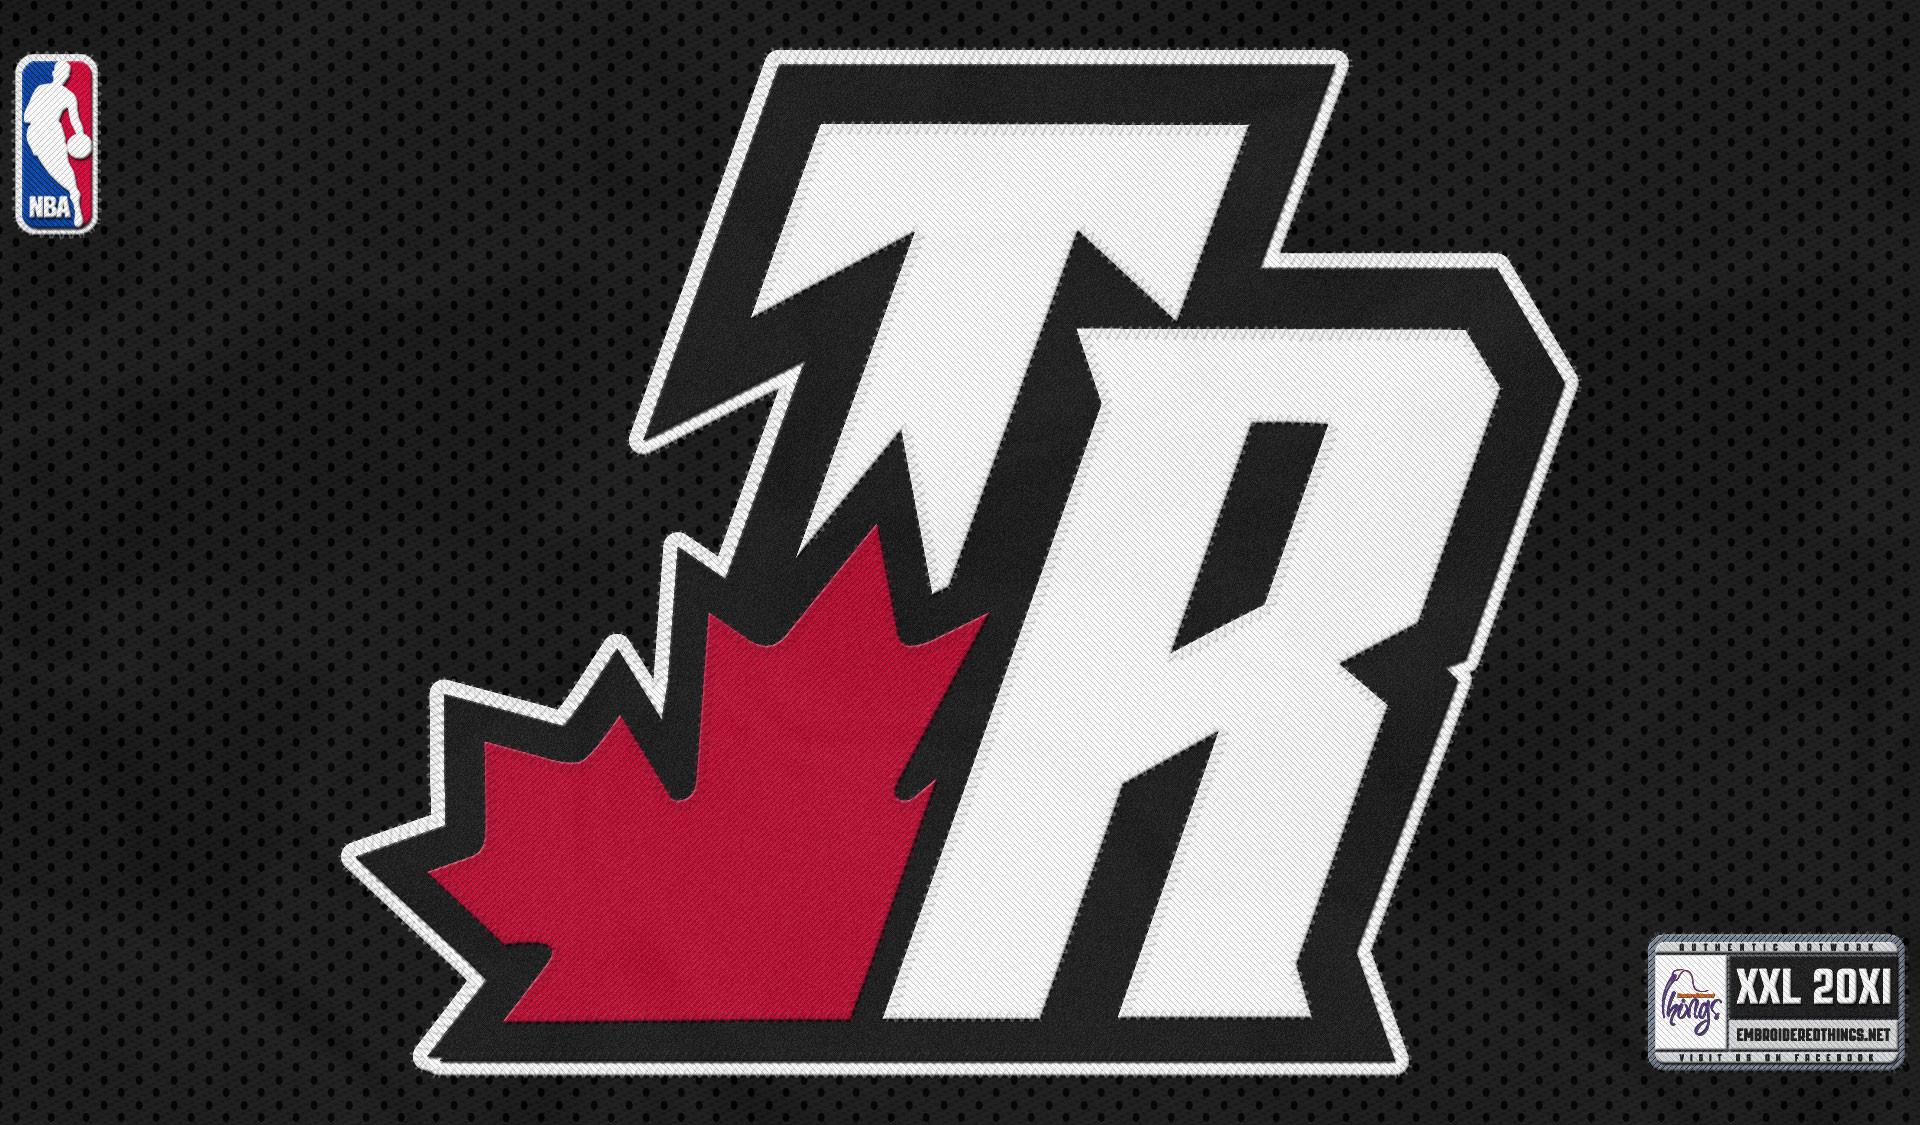 2560x1600 Toronto Raptors Wallpapers